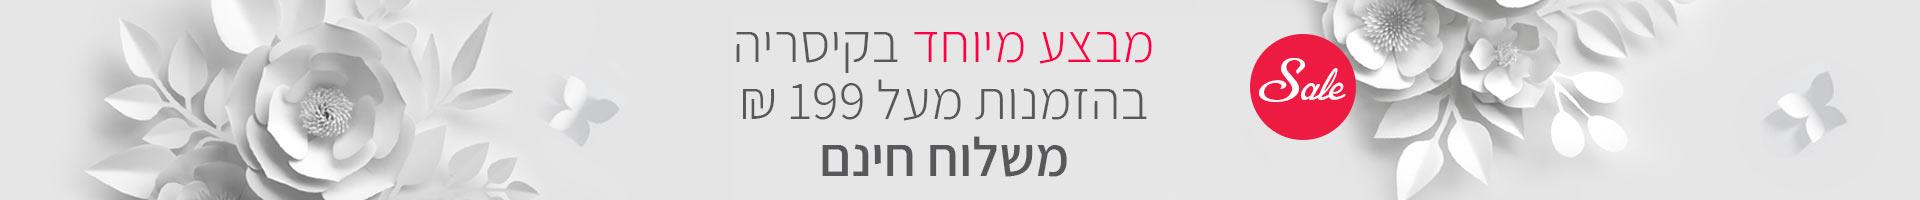 """משלוחי פרחים חינם מבצע 199 ש""""ח"""